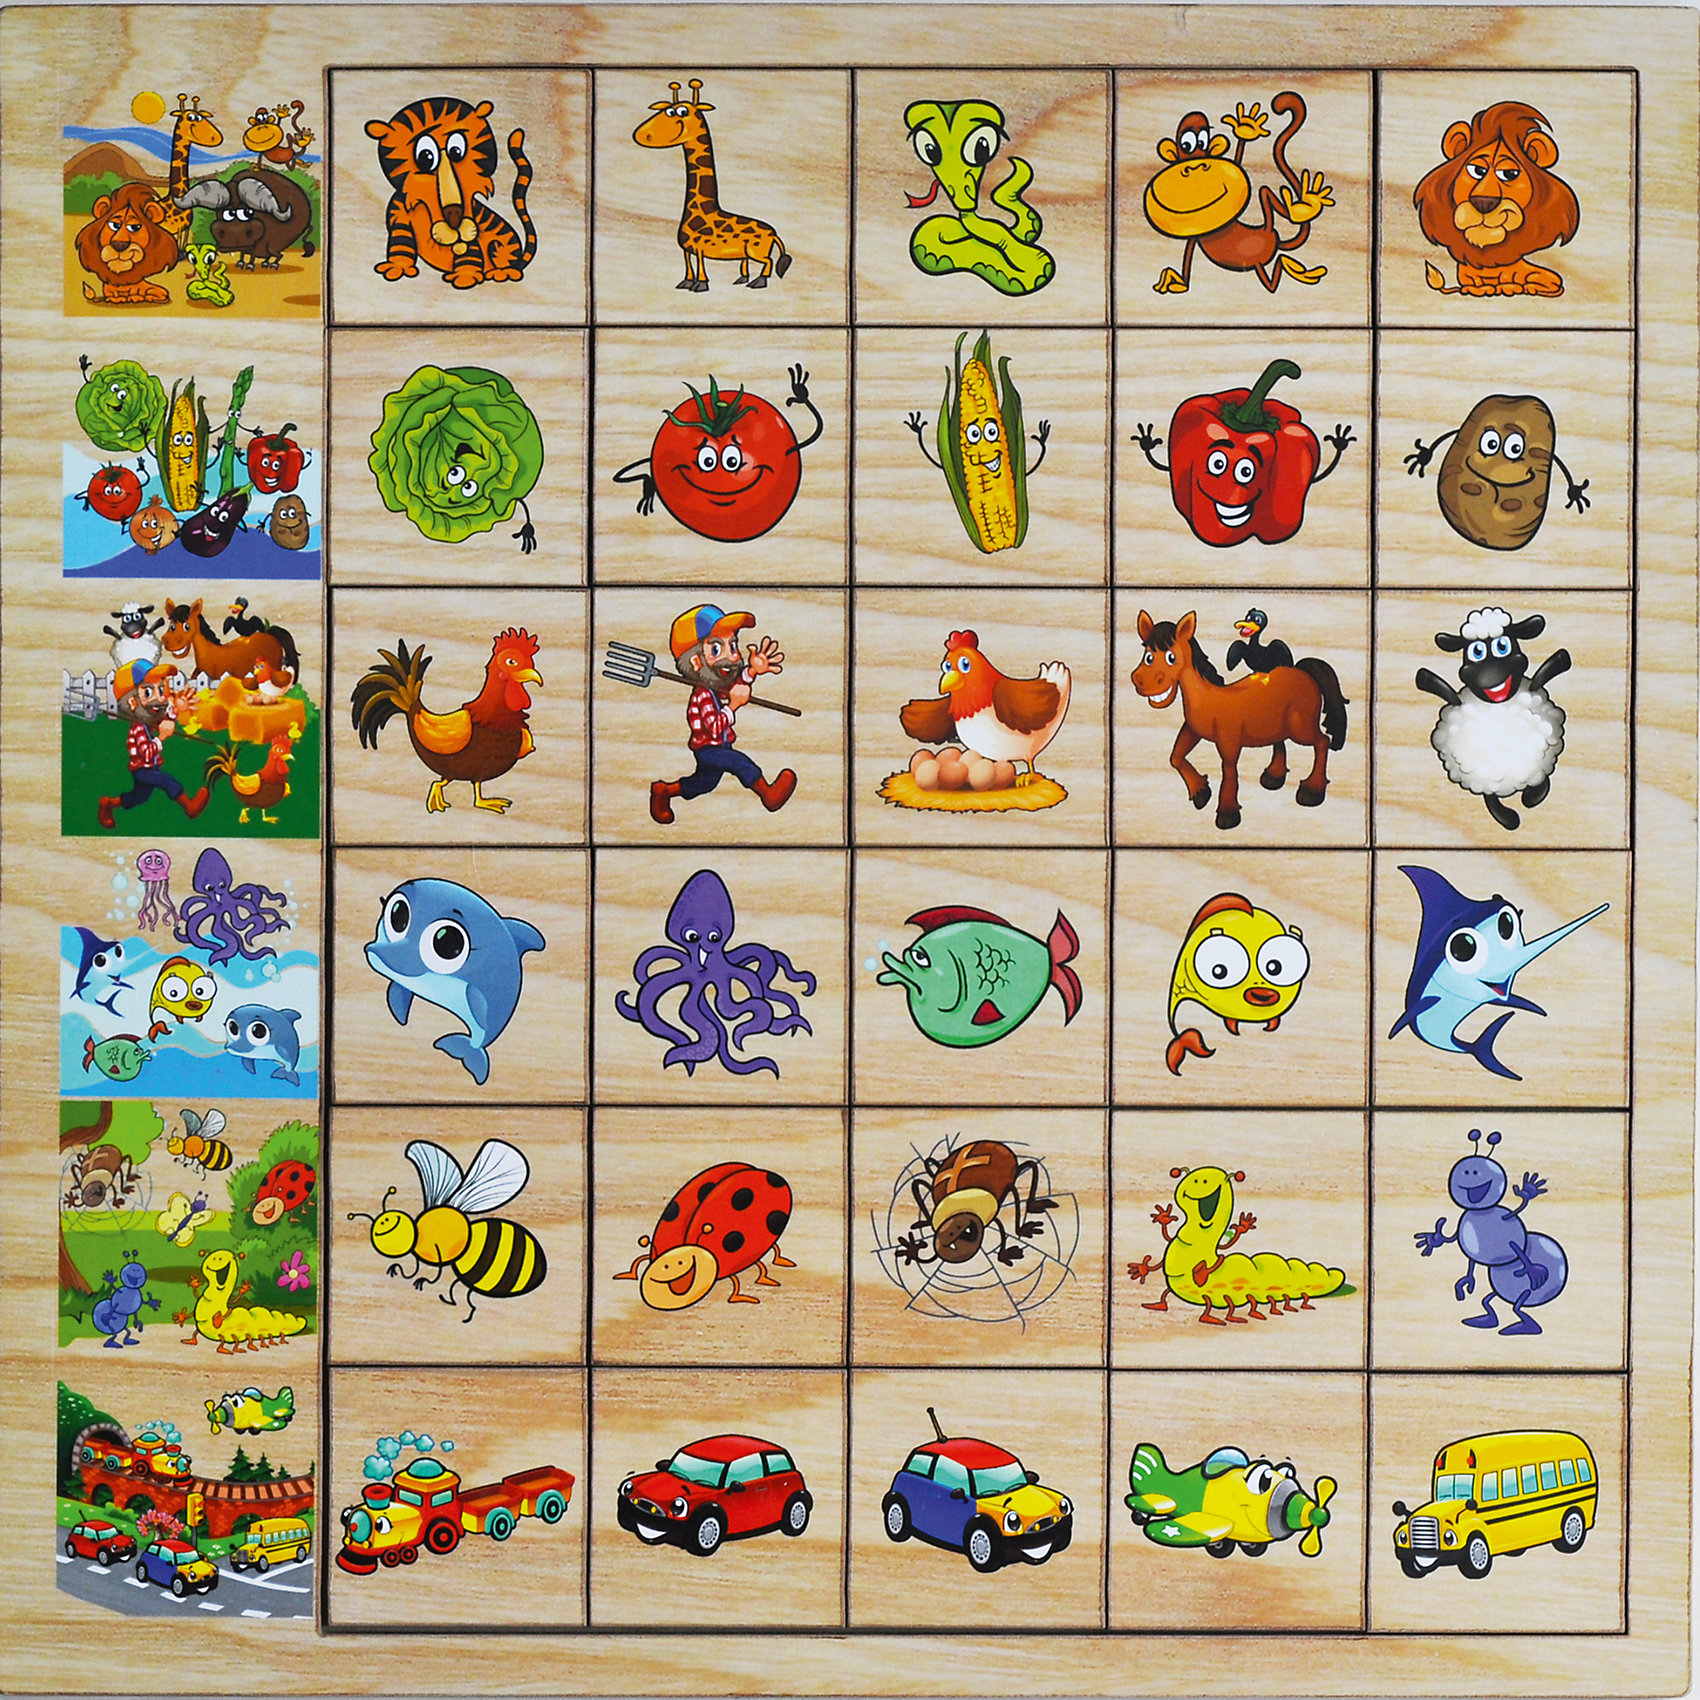 Развивающая игрушка: игра Ассоциации, Мастер игрушекАссоциации - развивающая игра для детей. В набор входят 30 фишек и рамка. Ребенку предстоит заполнить ряд фишками, соответствующими основной картинке. Эта игра хорошо развивает логику и учит ребенка классификации.<br><br>Дополнительная информация:<br>В наборе: 30 фишек, рамка<br>Материал: дерево<br>Размер: 30х0,6х30 см<br>Вес: 420 грамм<br>Игру Ассоциации можно приобрести в нашем интернет-магазине.<br><br>Ширина мм: 300<br>Глубина мм: 6<br>Высота мм: 300<br>Вес г: 420<br>Возраст от месяцев: 36<br>Возраст до месяцев: 120<br>Пол: Унисекс<br>Возраст: Детский<br>SKU: 4953663